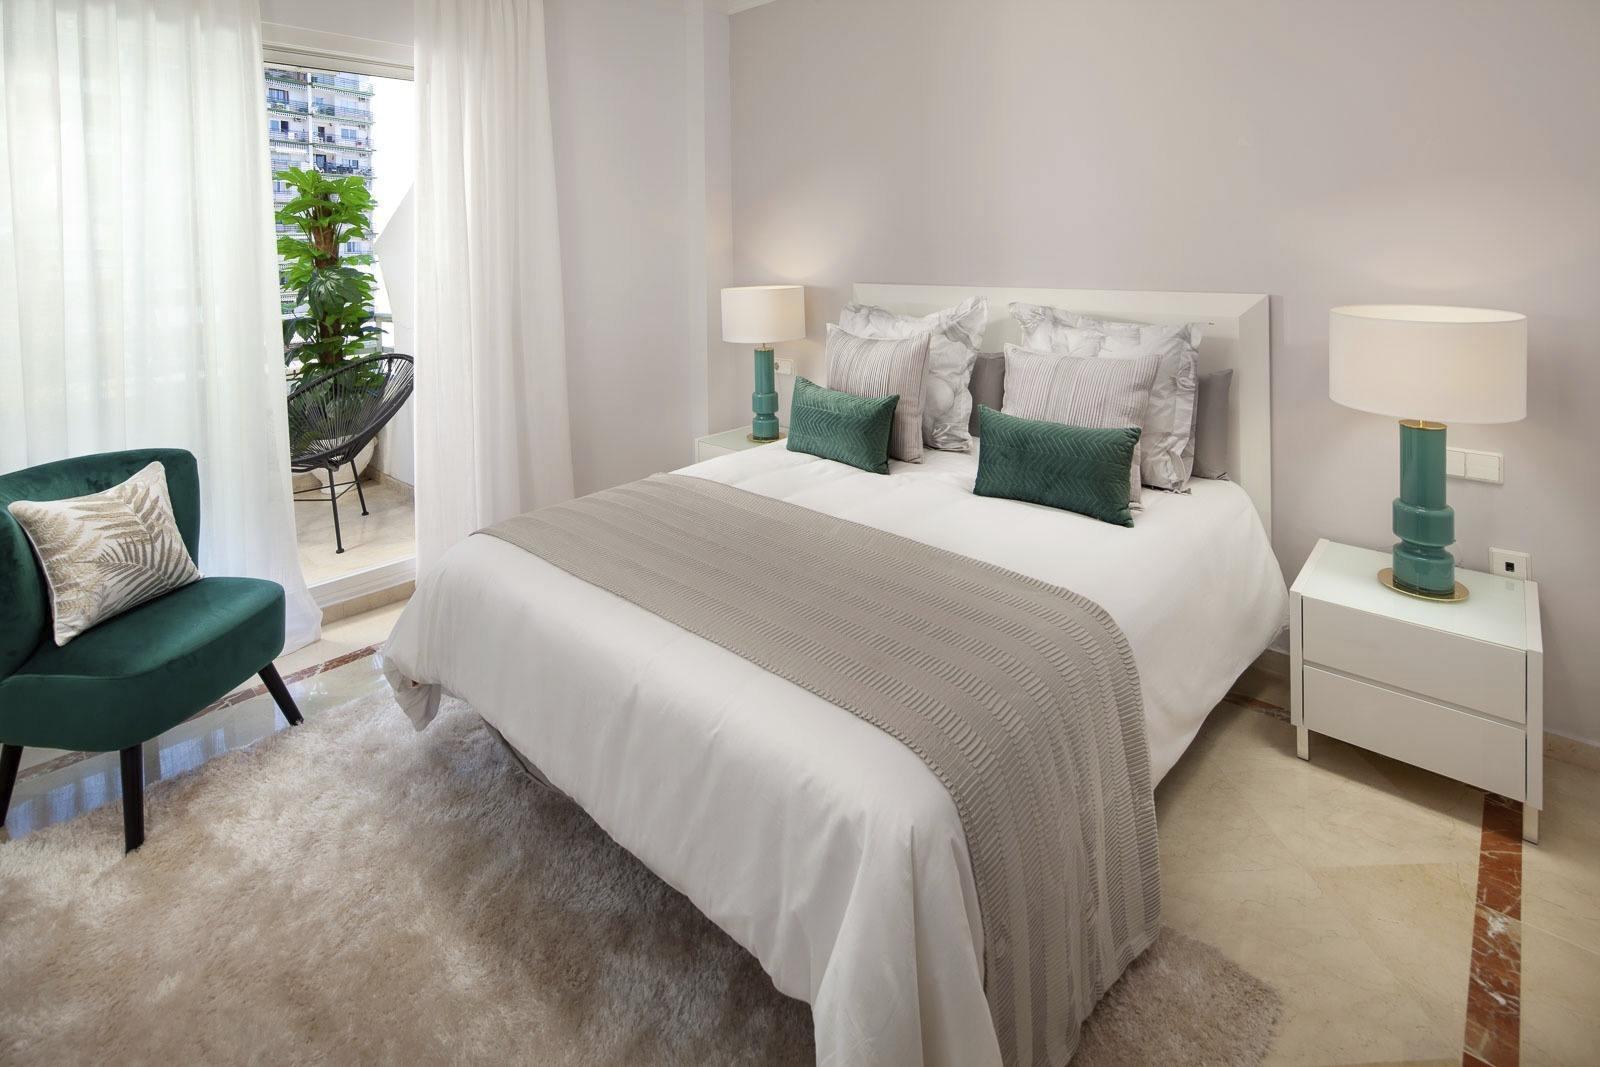 Reforma, mobiliario y decoración en Marbella